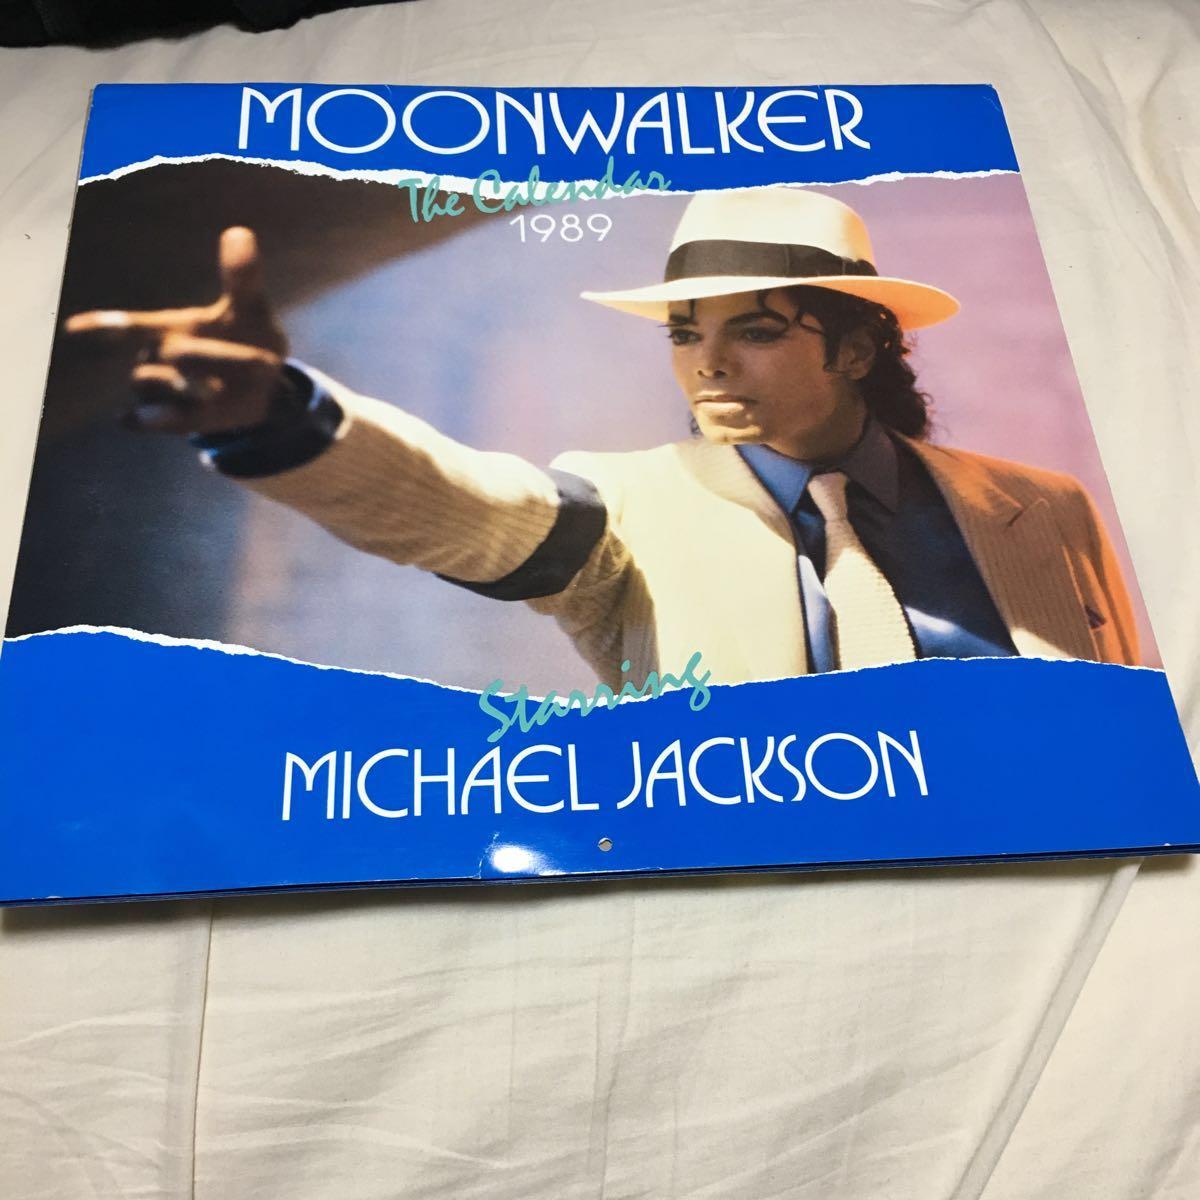 マイケルジャクソン カレンダー ムーンウォーカー 1989年(輸入版)_画像1